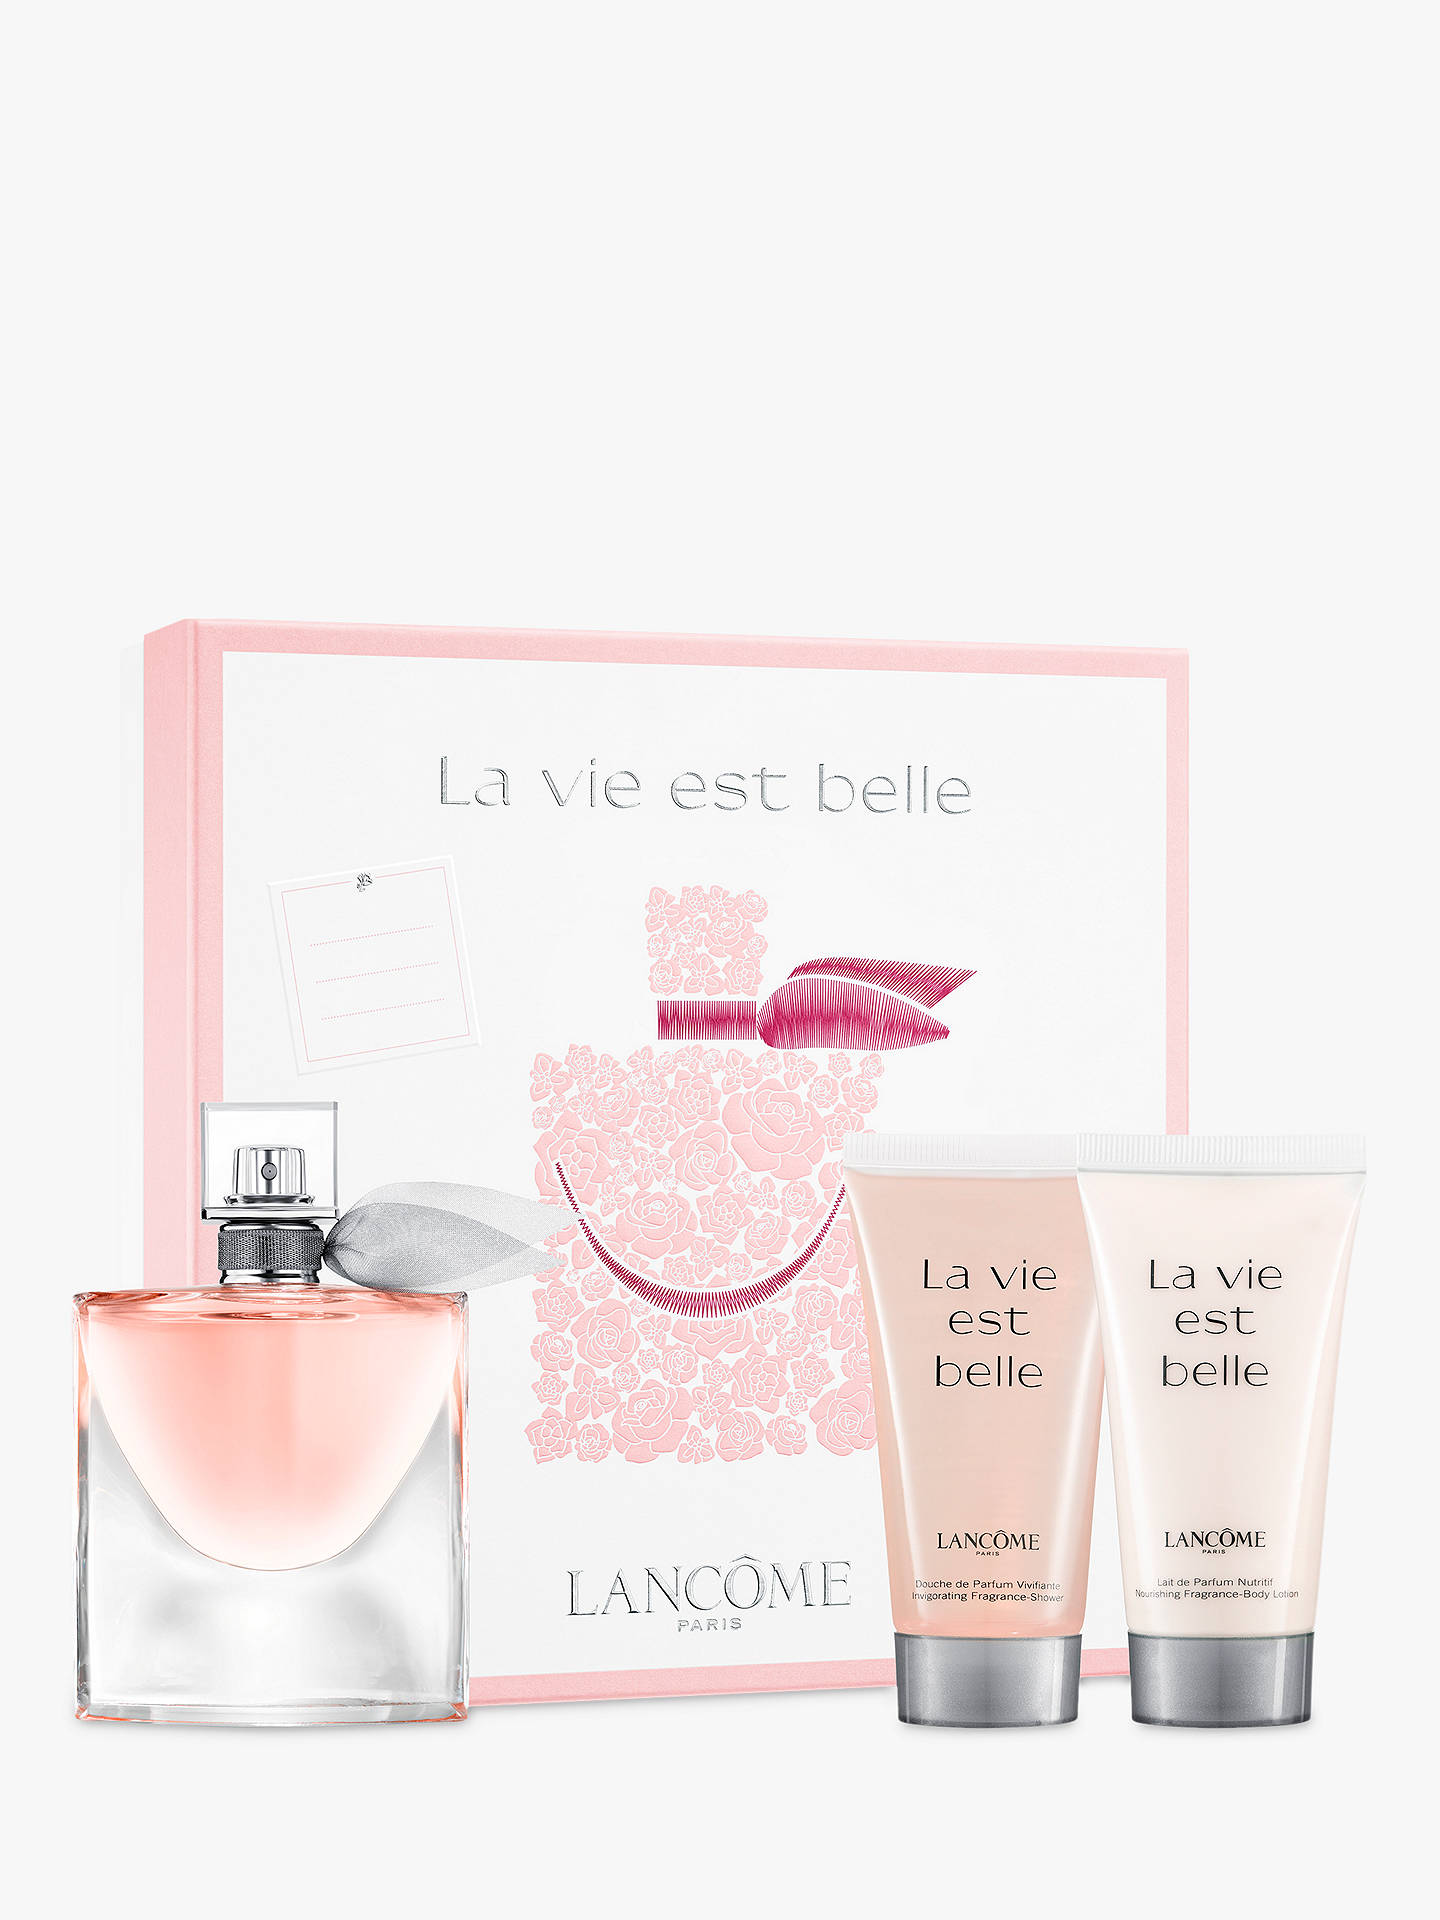 67dbbe6fb63 Buy Lancôme La Vie Est Belle Eau de Parfum 50ml Mother's Day Fragrance Gift  Set Online ...